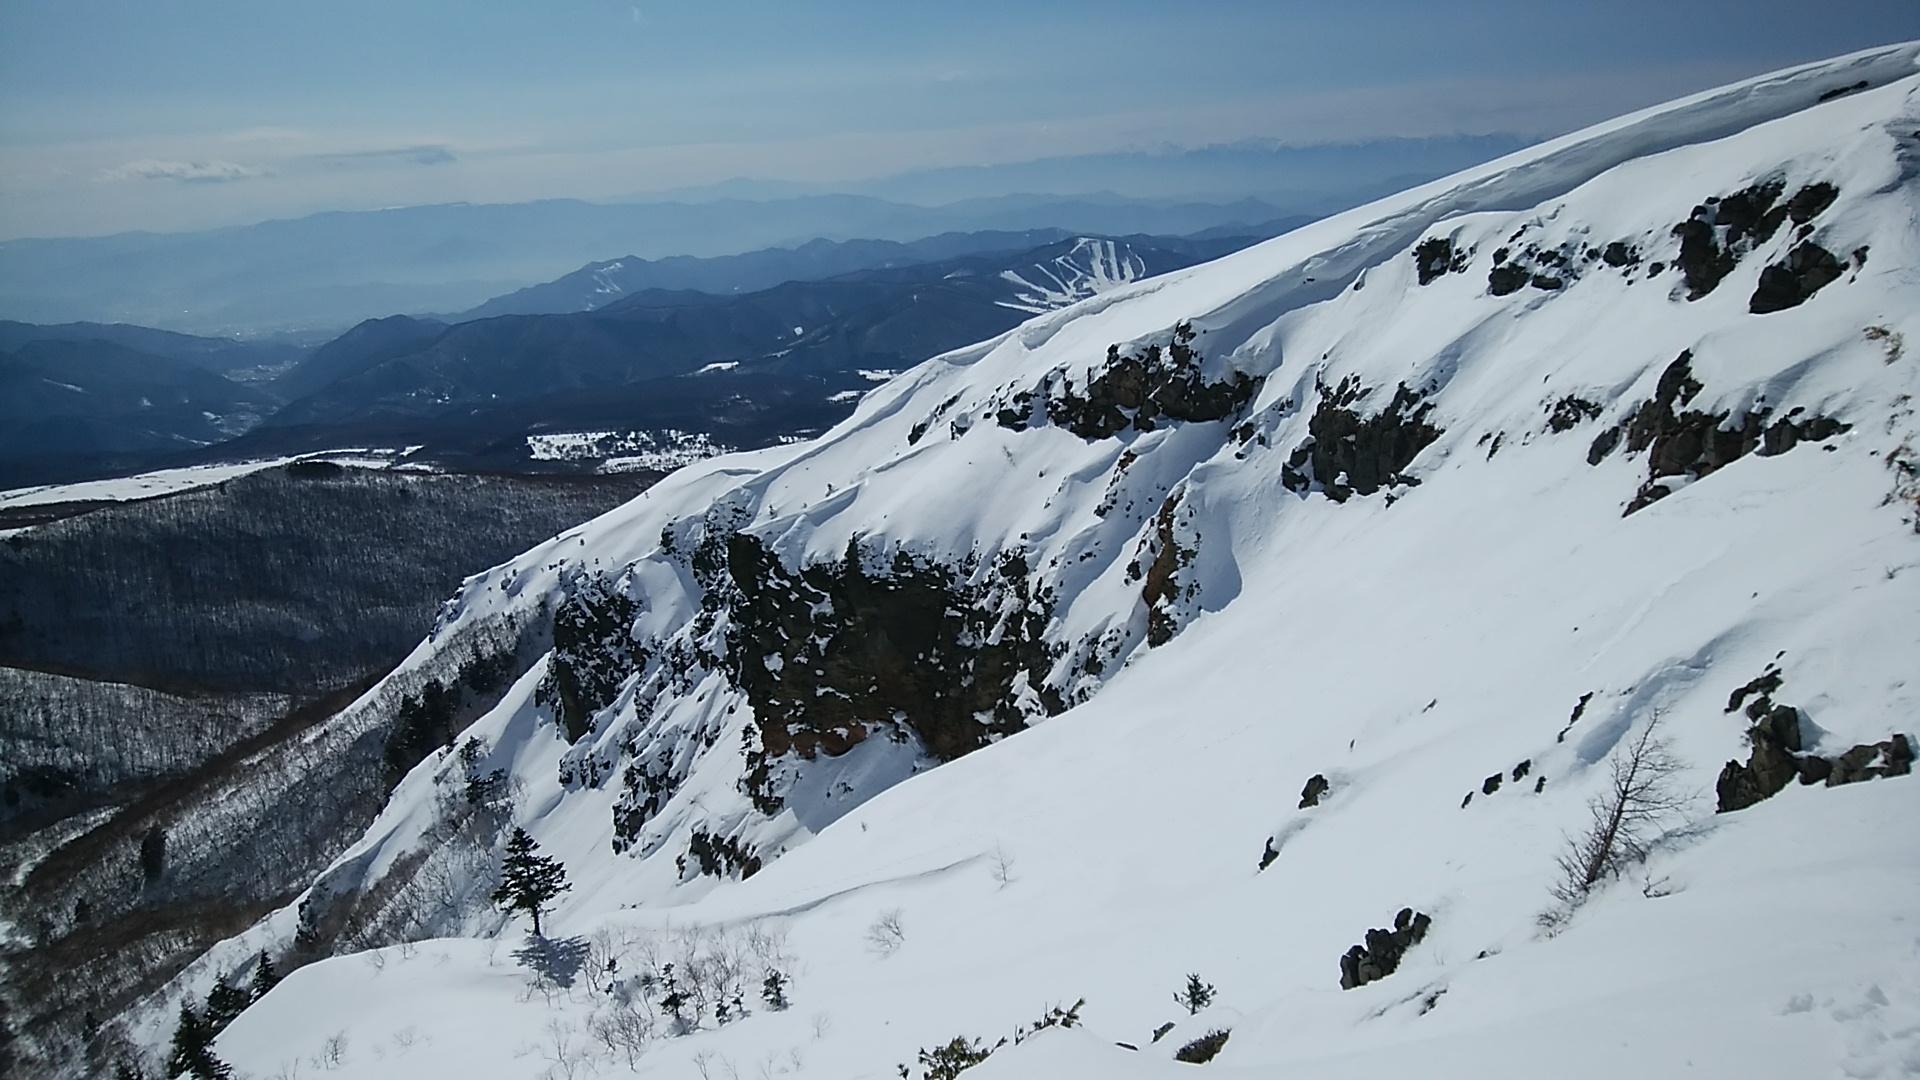 深雪の山は雪崩の危険もある。尾根や稜線の雪庇には要注意だ